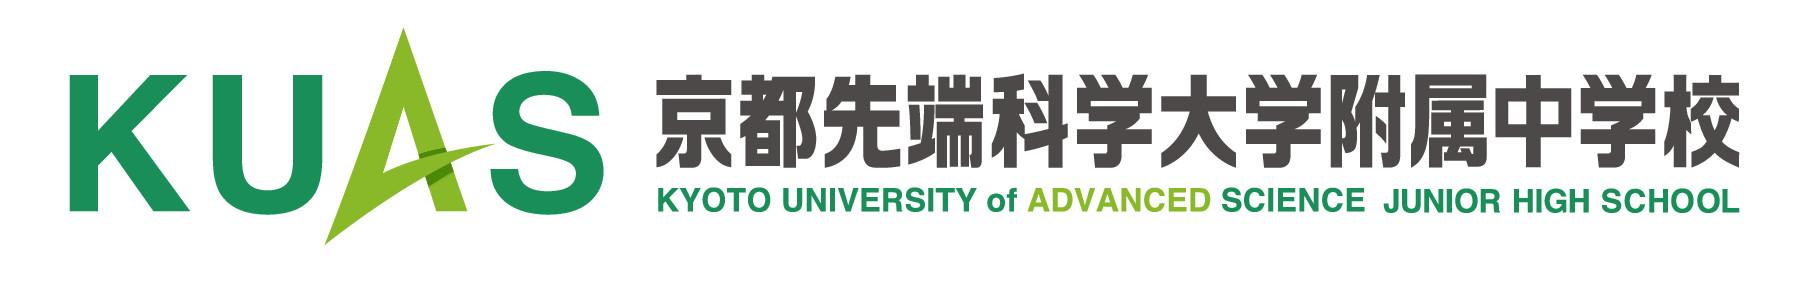 京都先端科学大学附属中学校